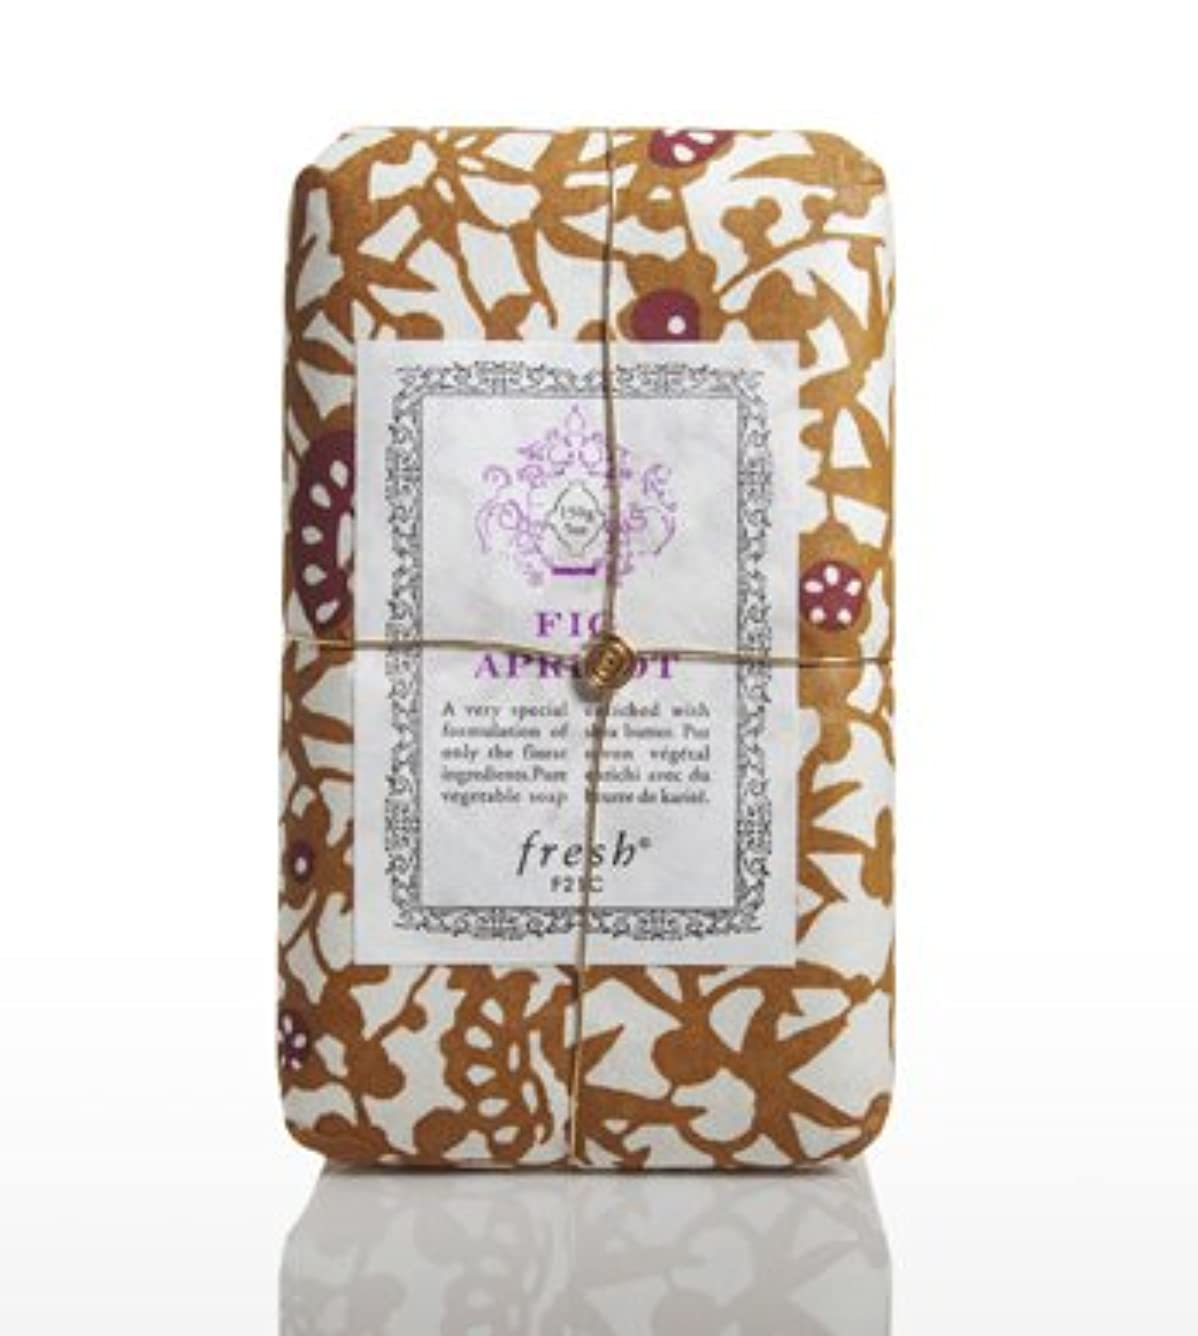 鋼縫い目ボードFresh FIG APRICOT SOAP(フレッシュ フィグアプリコット ソープ) 5.0 oz (150gl) 石鹸 by Fresh